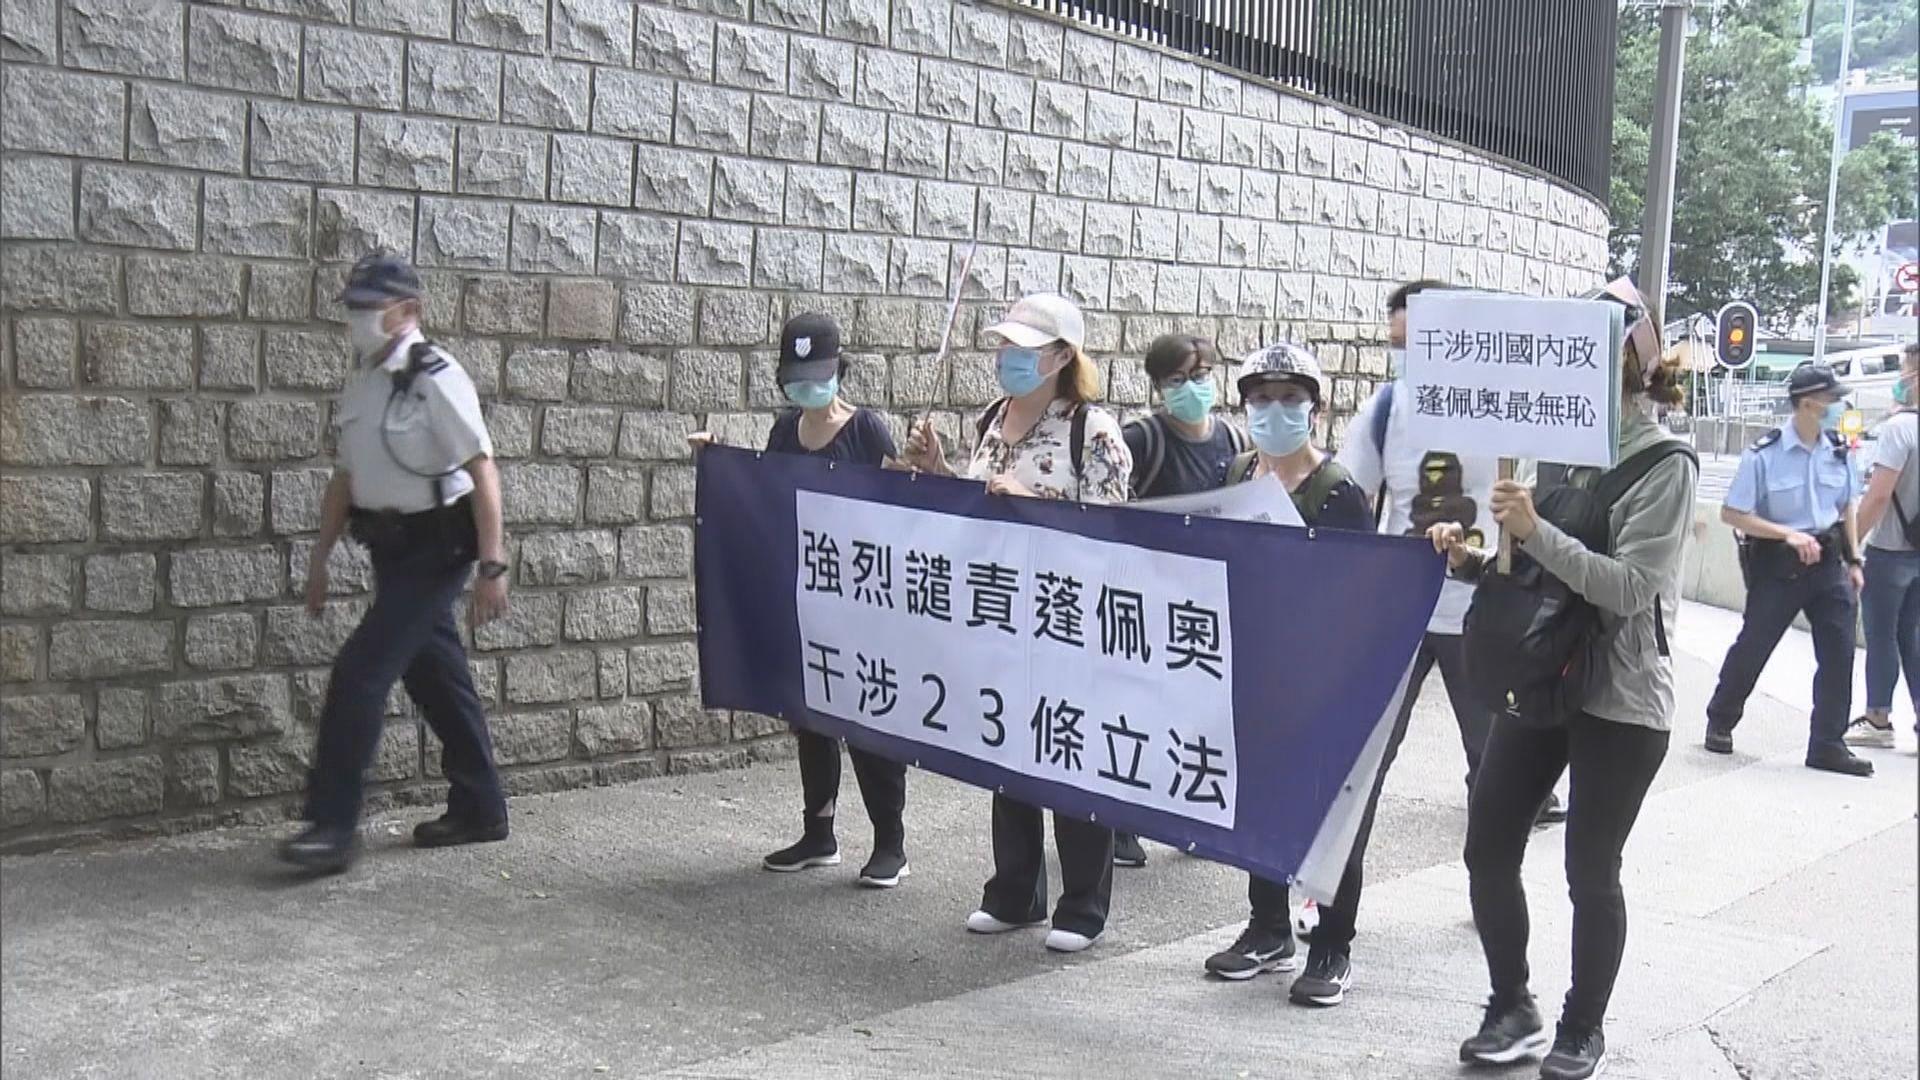 團體抗議美國干涉香港事務 一度逾四人同場